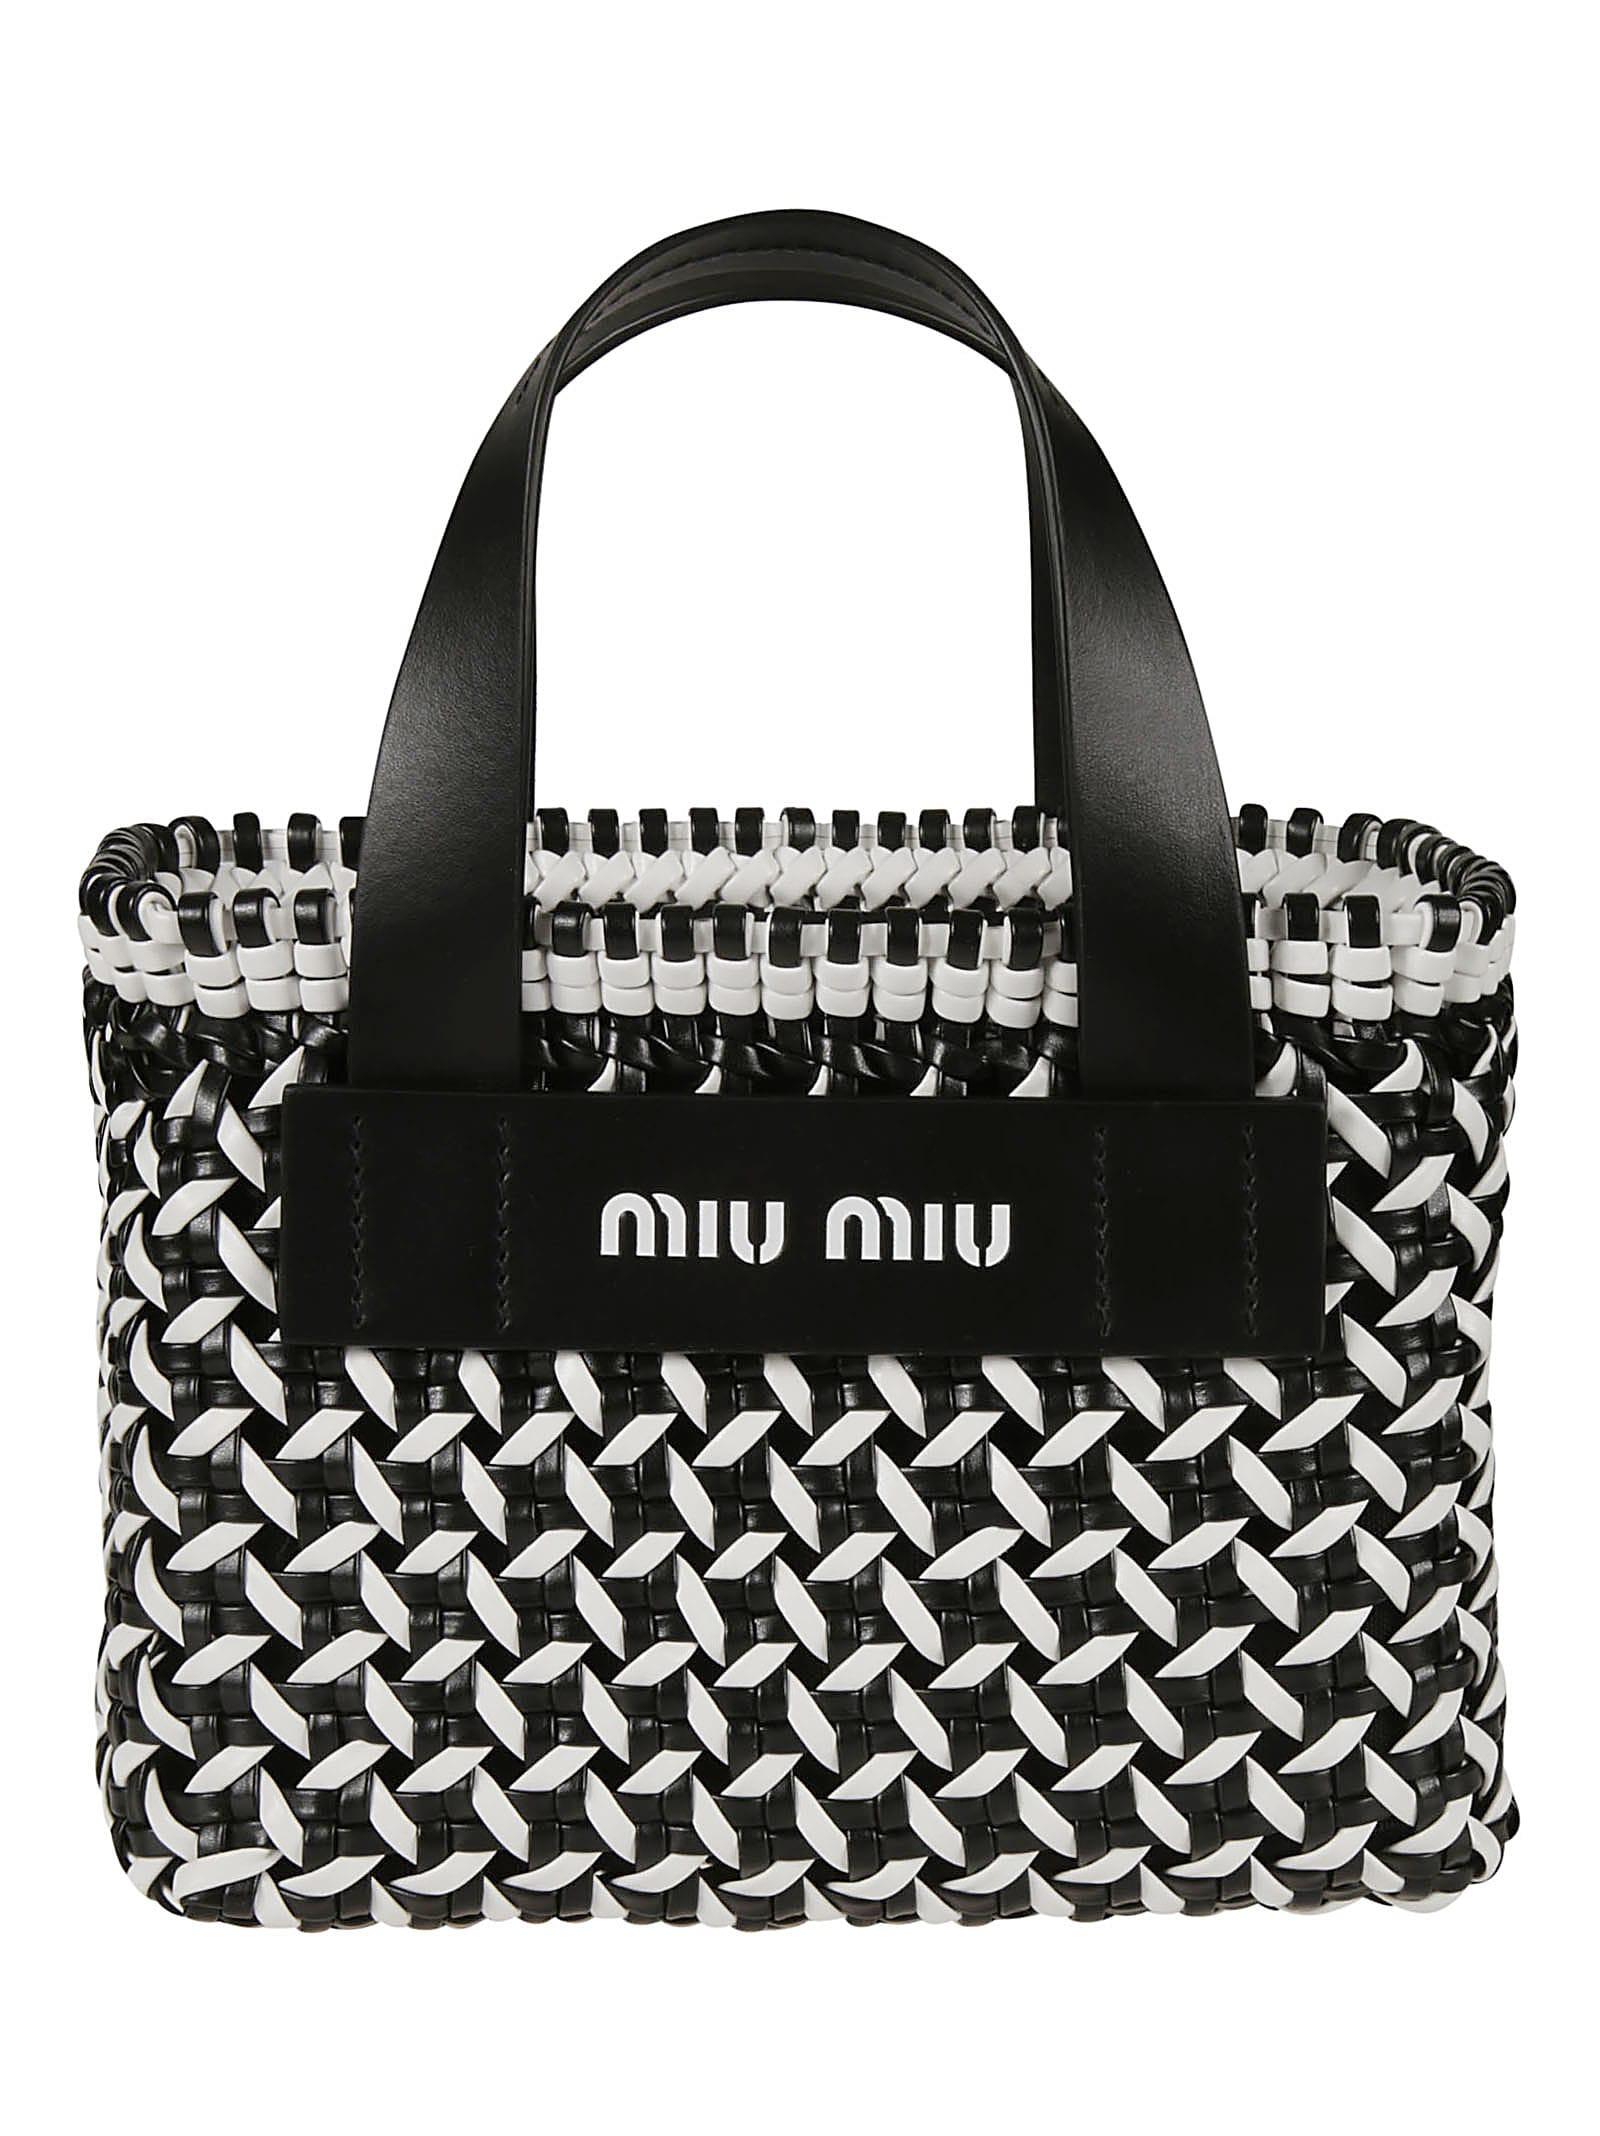 Miu Miu Woven Shopper Bag